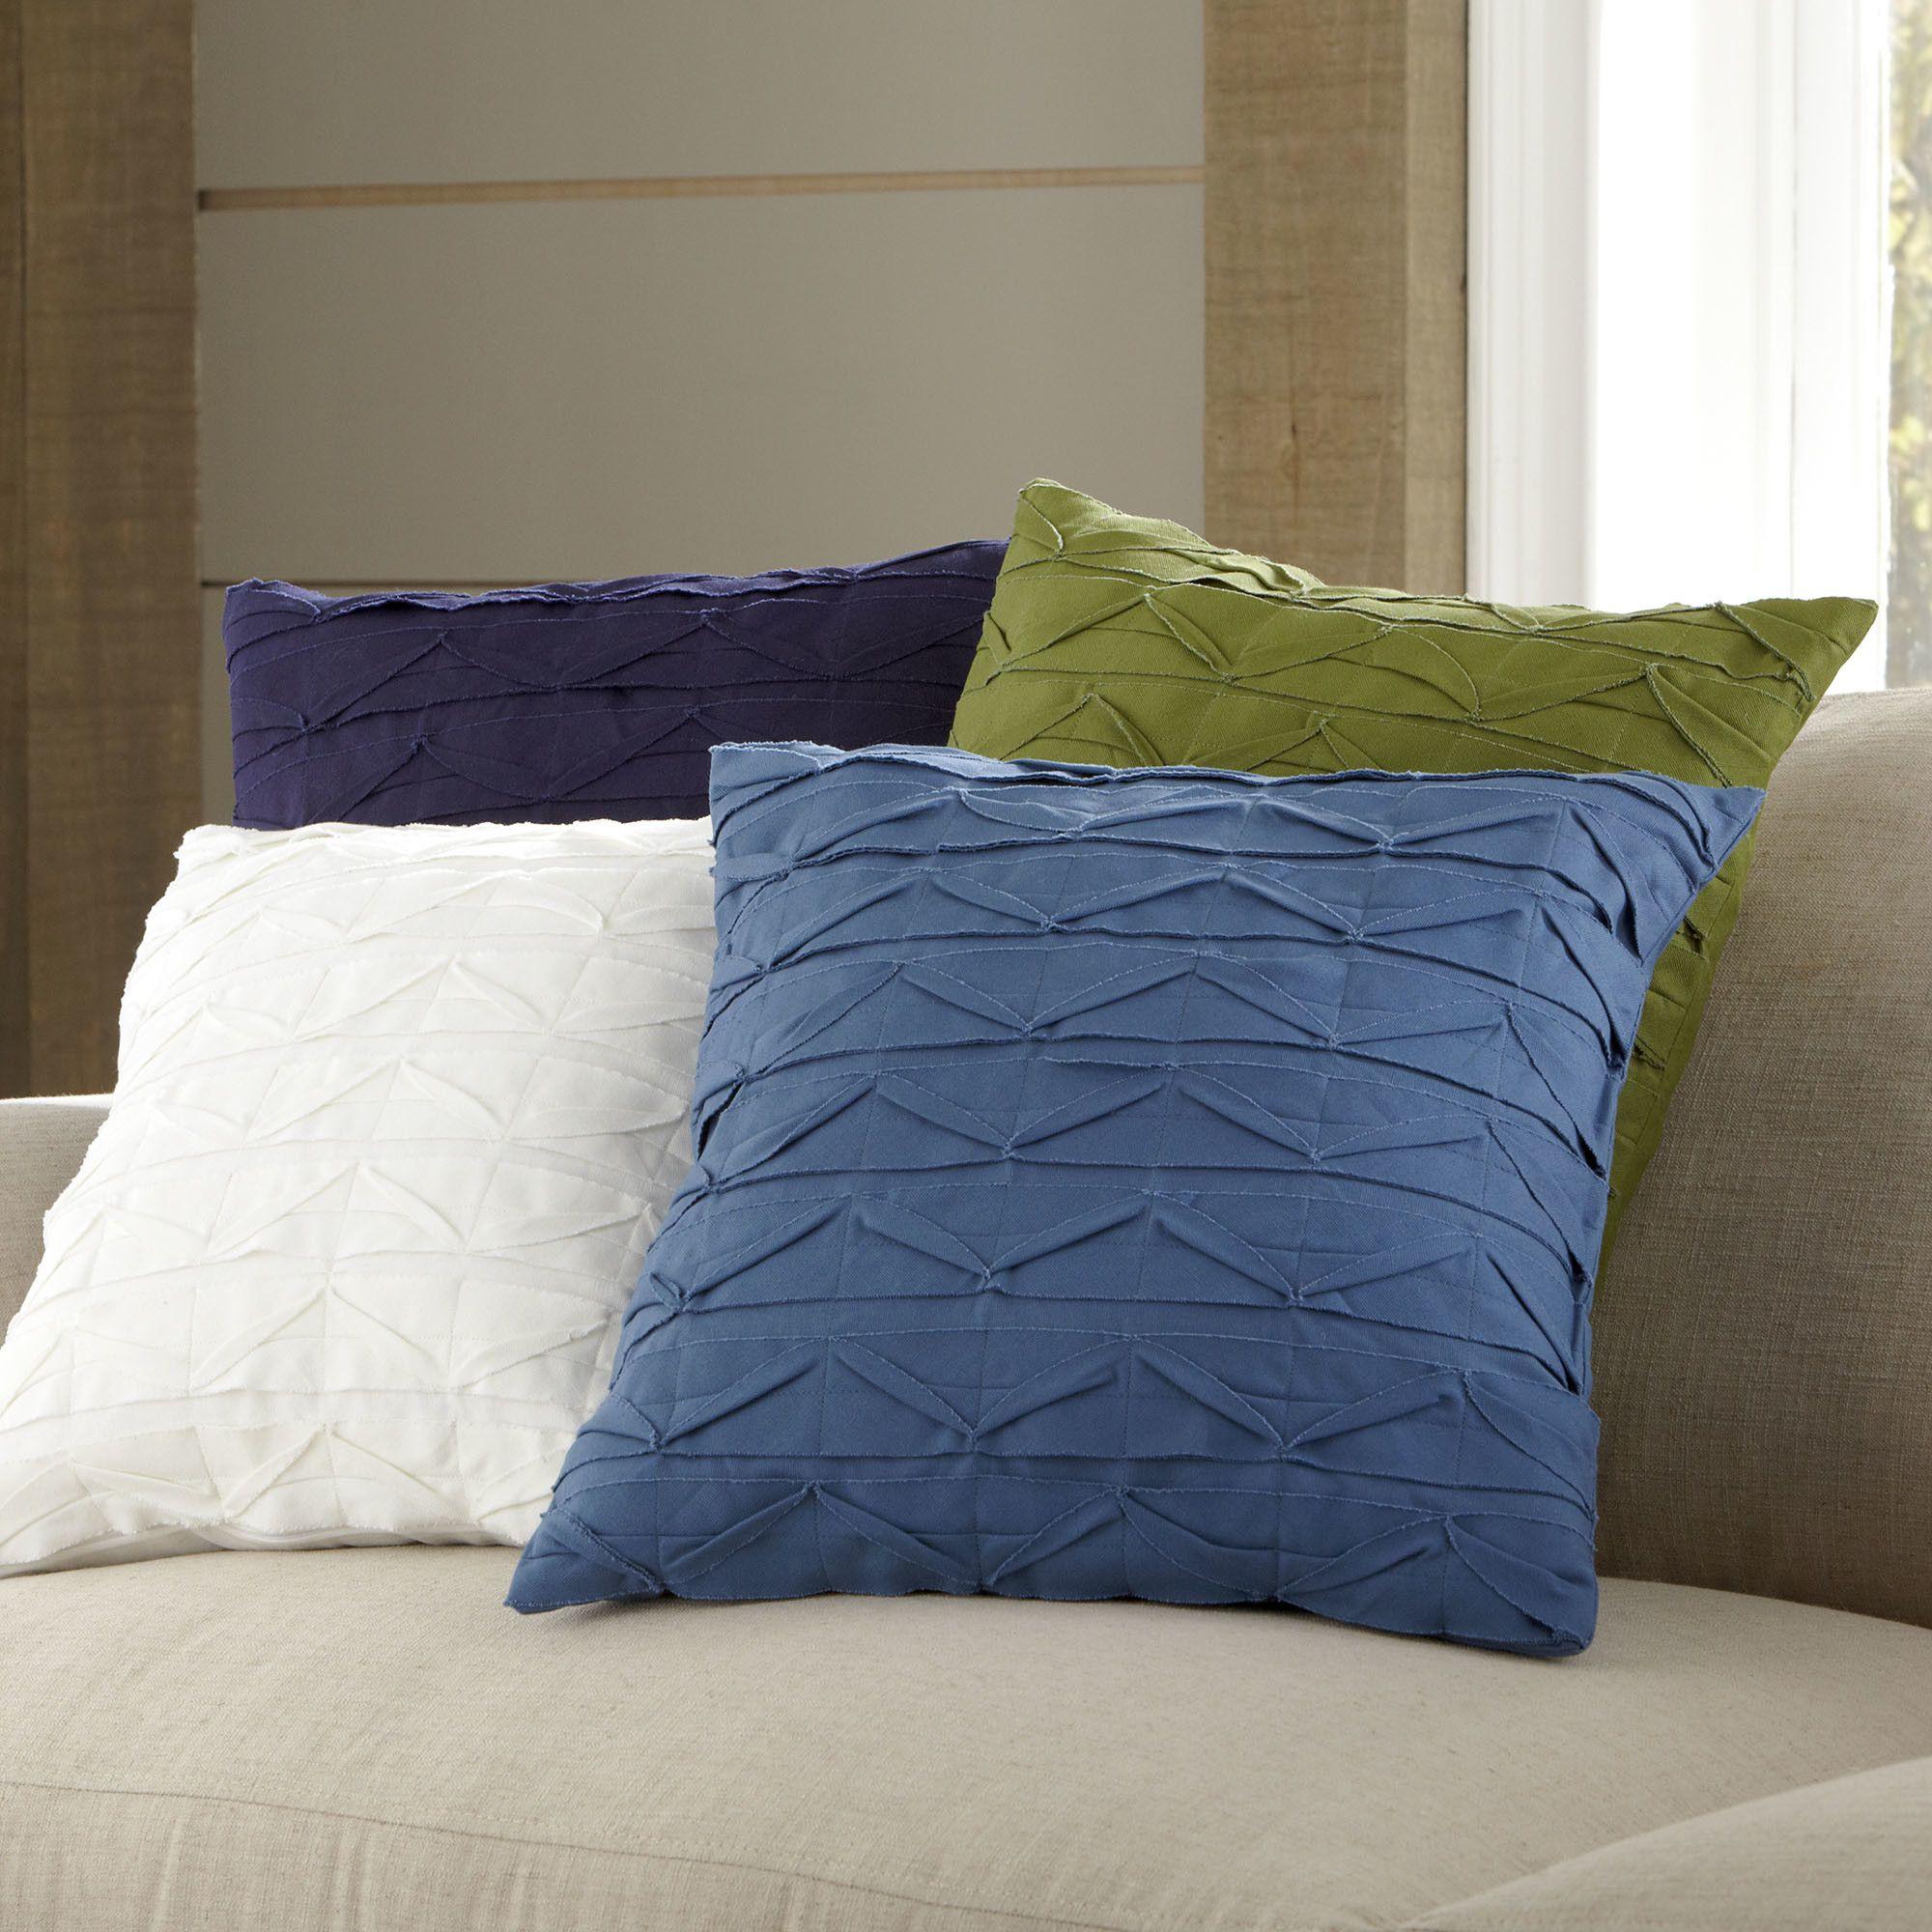 Dewitt Pillow Cover